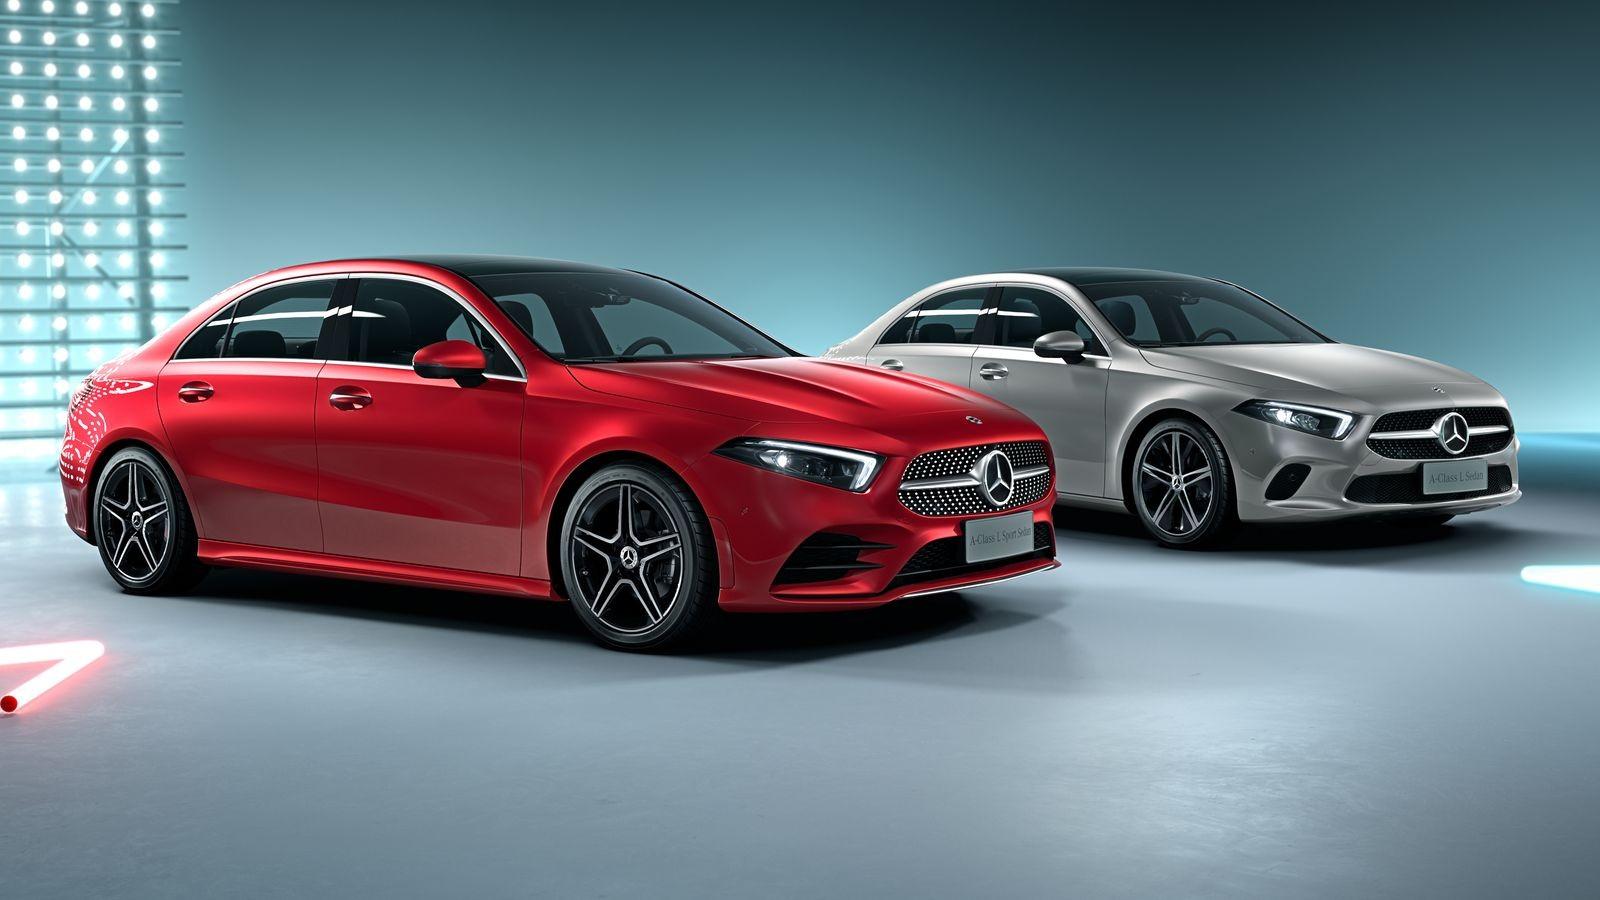 Mercedes-Benz А-класса имеет теперь два кузова седан – длинный для Китая (на фотографии) и короткий для всего остального мира.